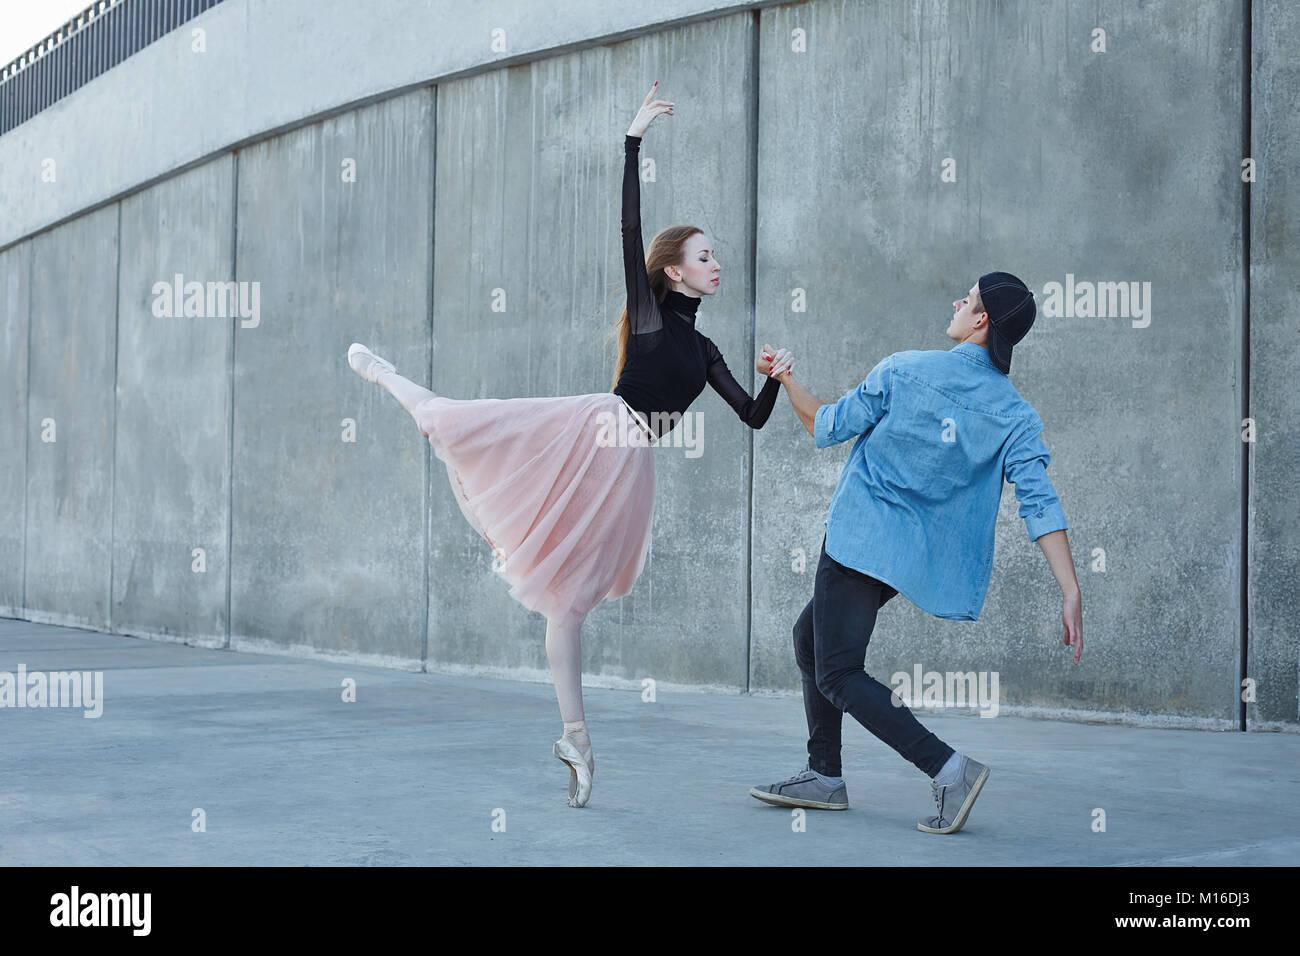 Slender ballerine danse avec une danseuse moderne. Date d'amants. Performance dans les rues de la ville. Photo Stock